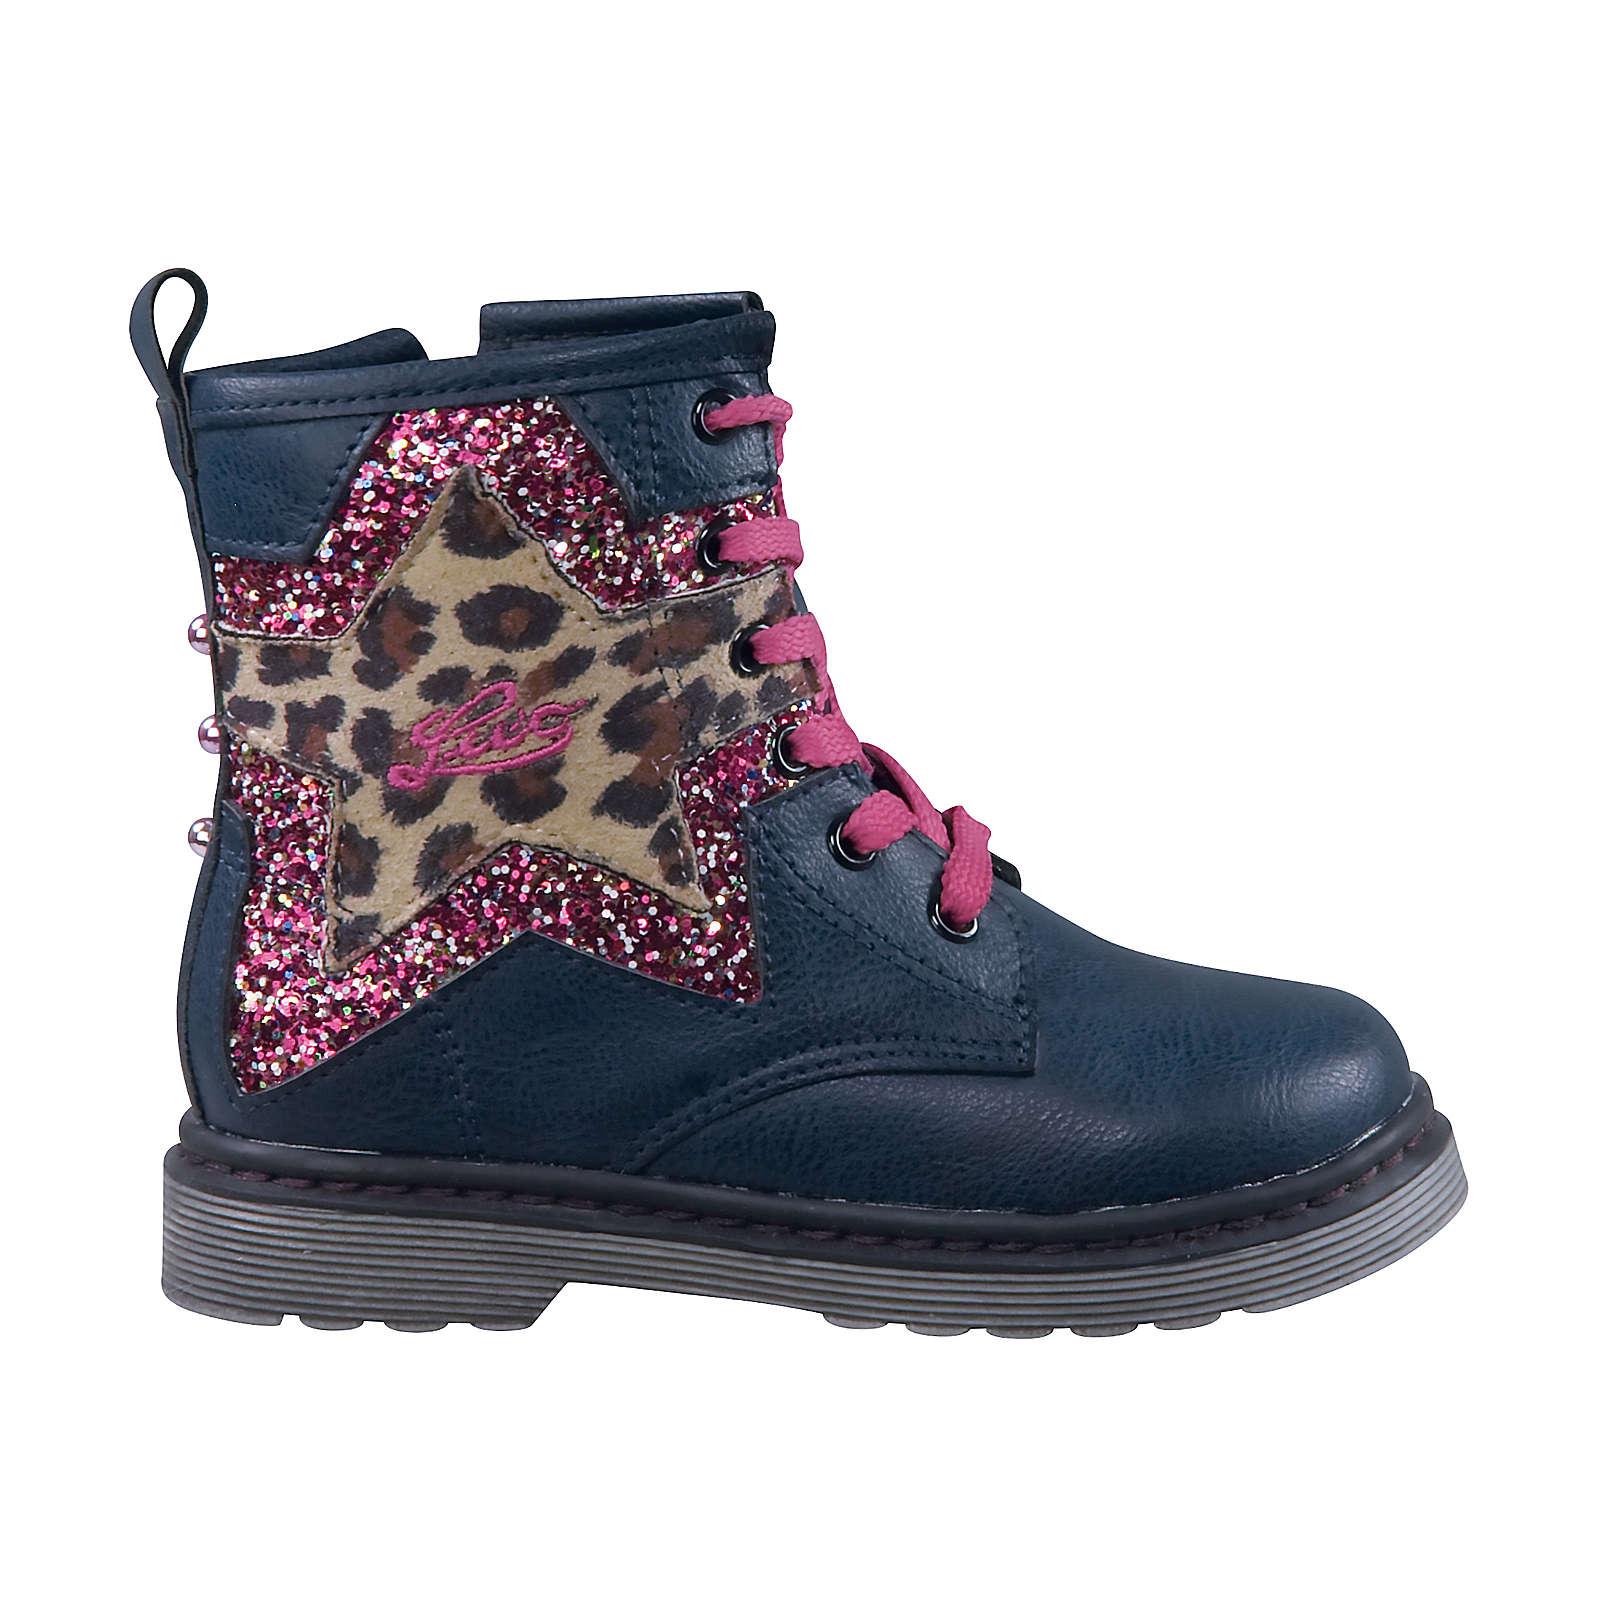 LICO Stiefel für Mädchen blau Mädchen Gr. 28